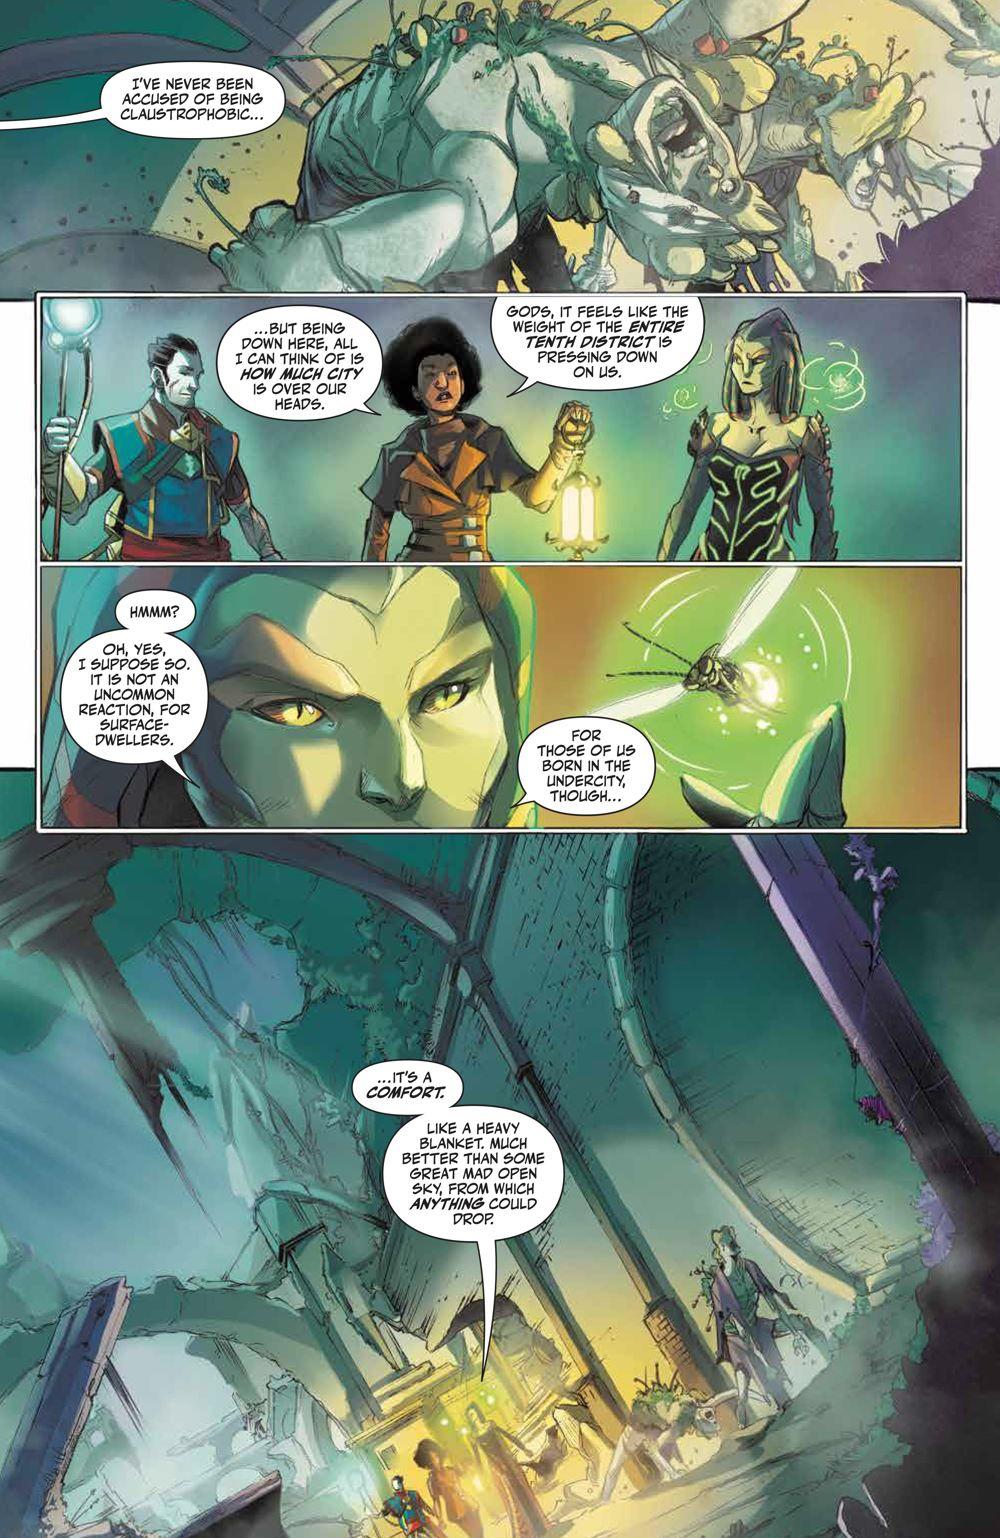 Magic_003_PRESS_7-1 ComicList Previews: MAGIC #3